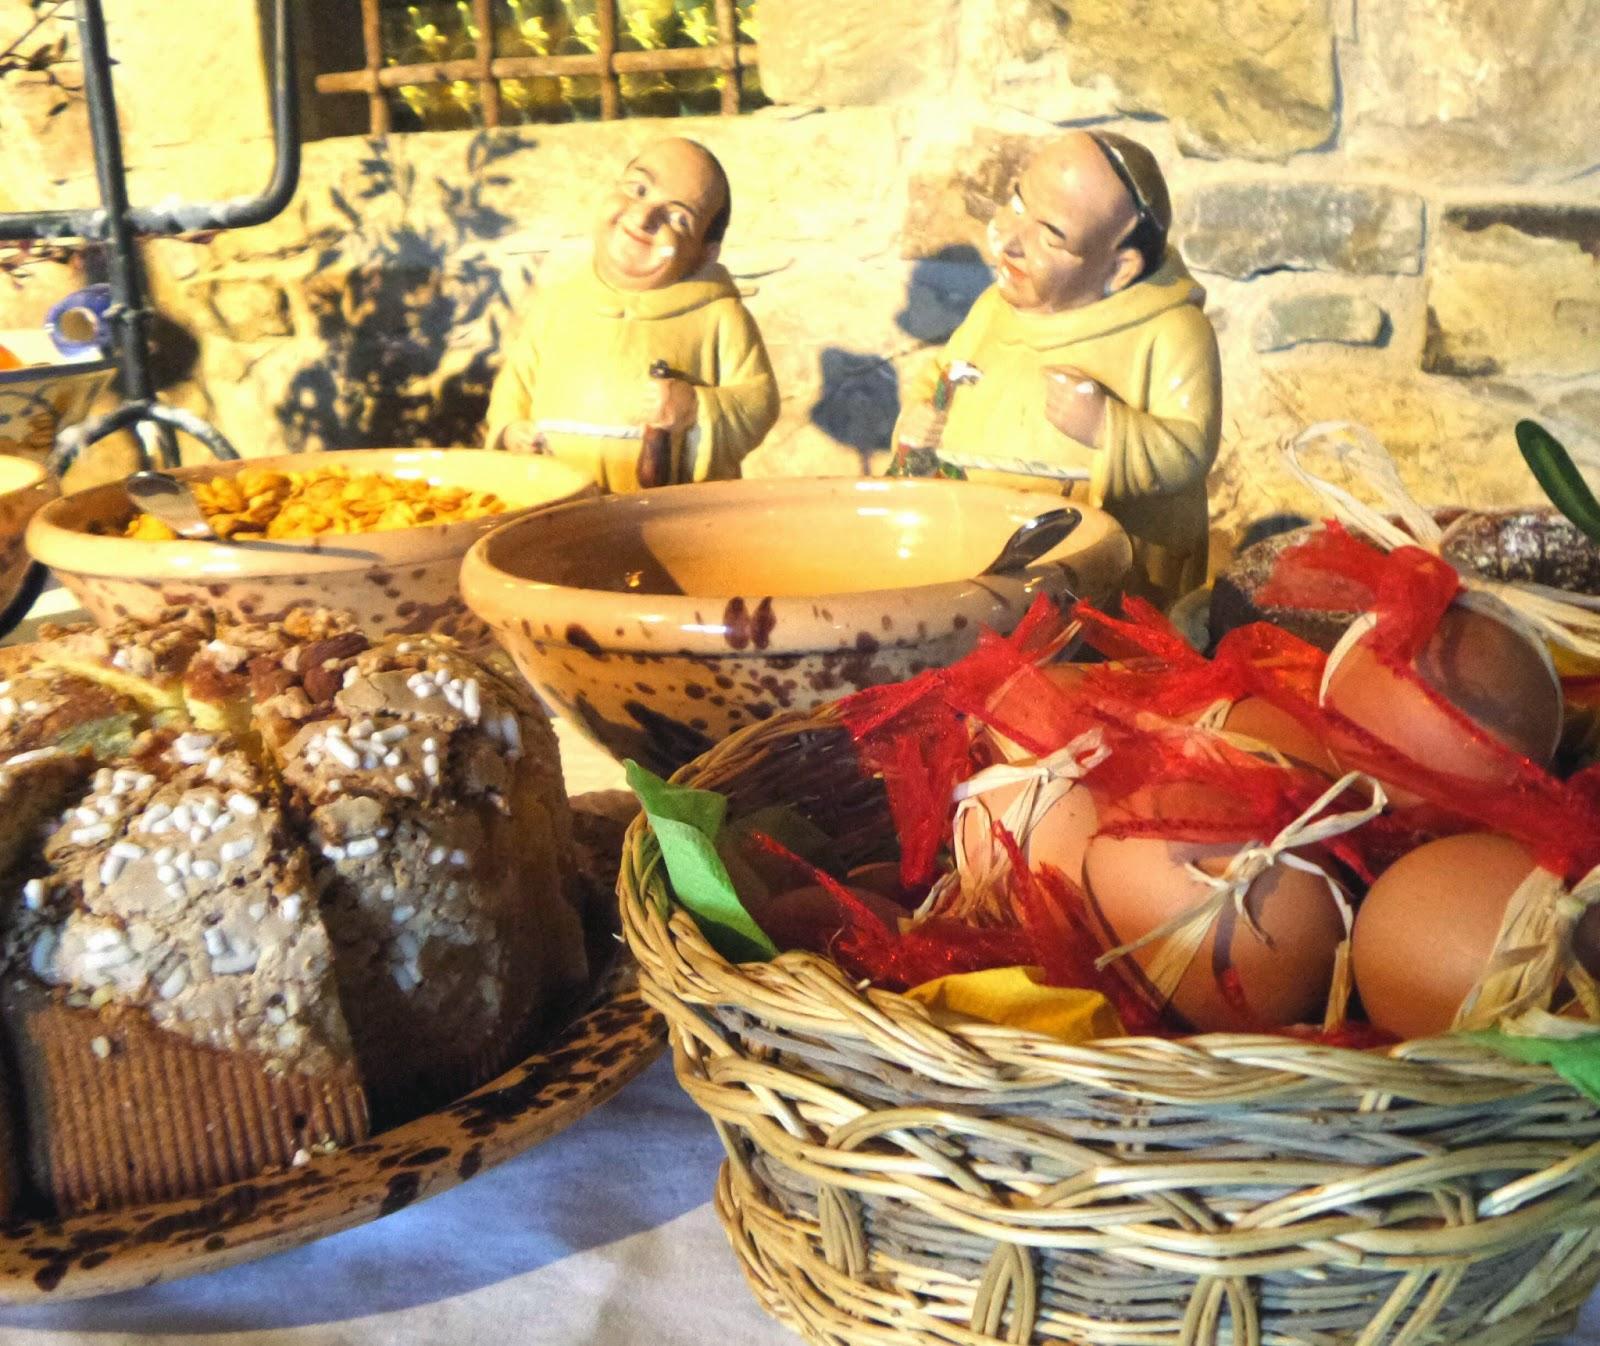 Eremito - Hotelito de l'Alma - Umbria